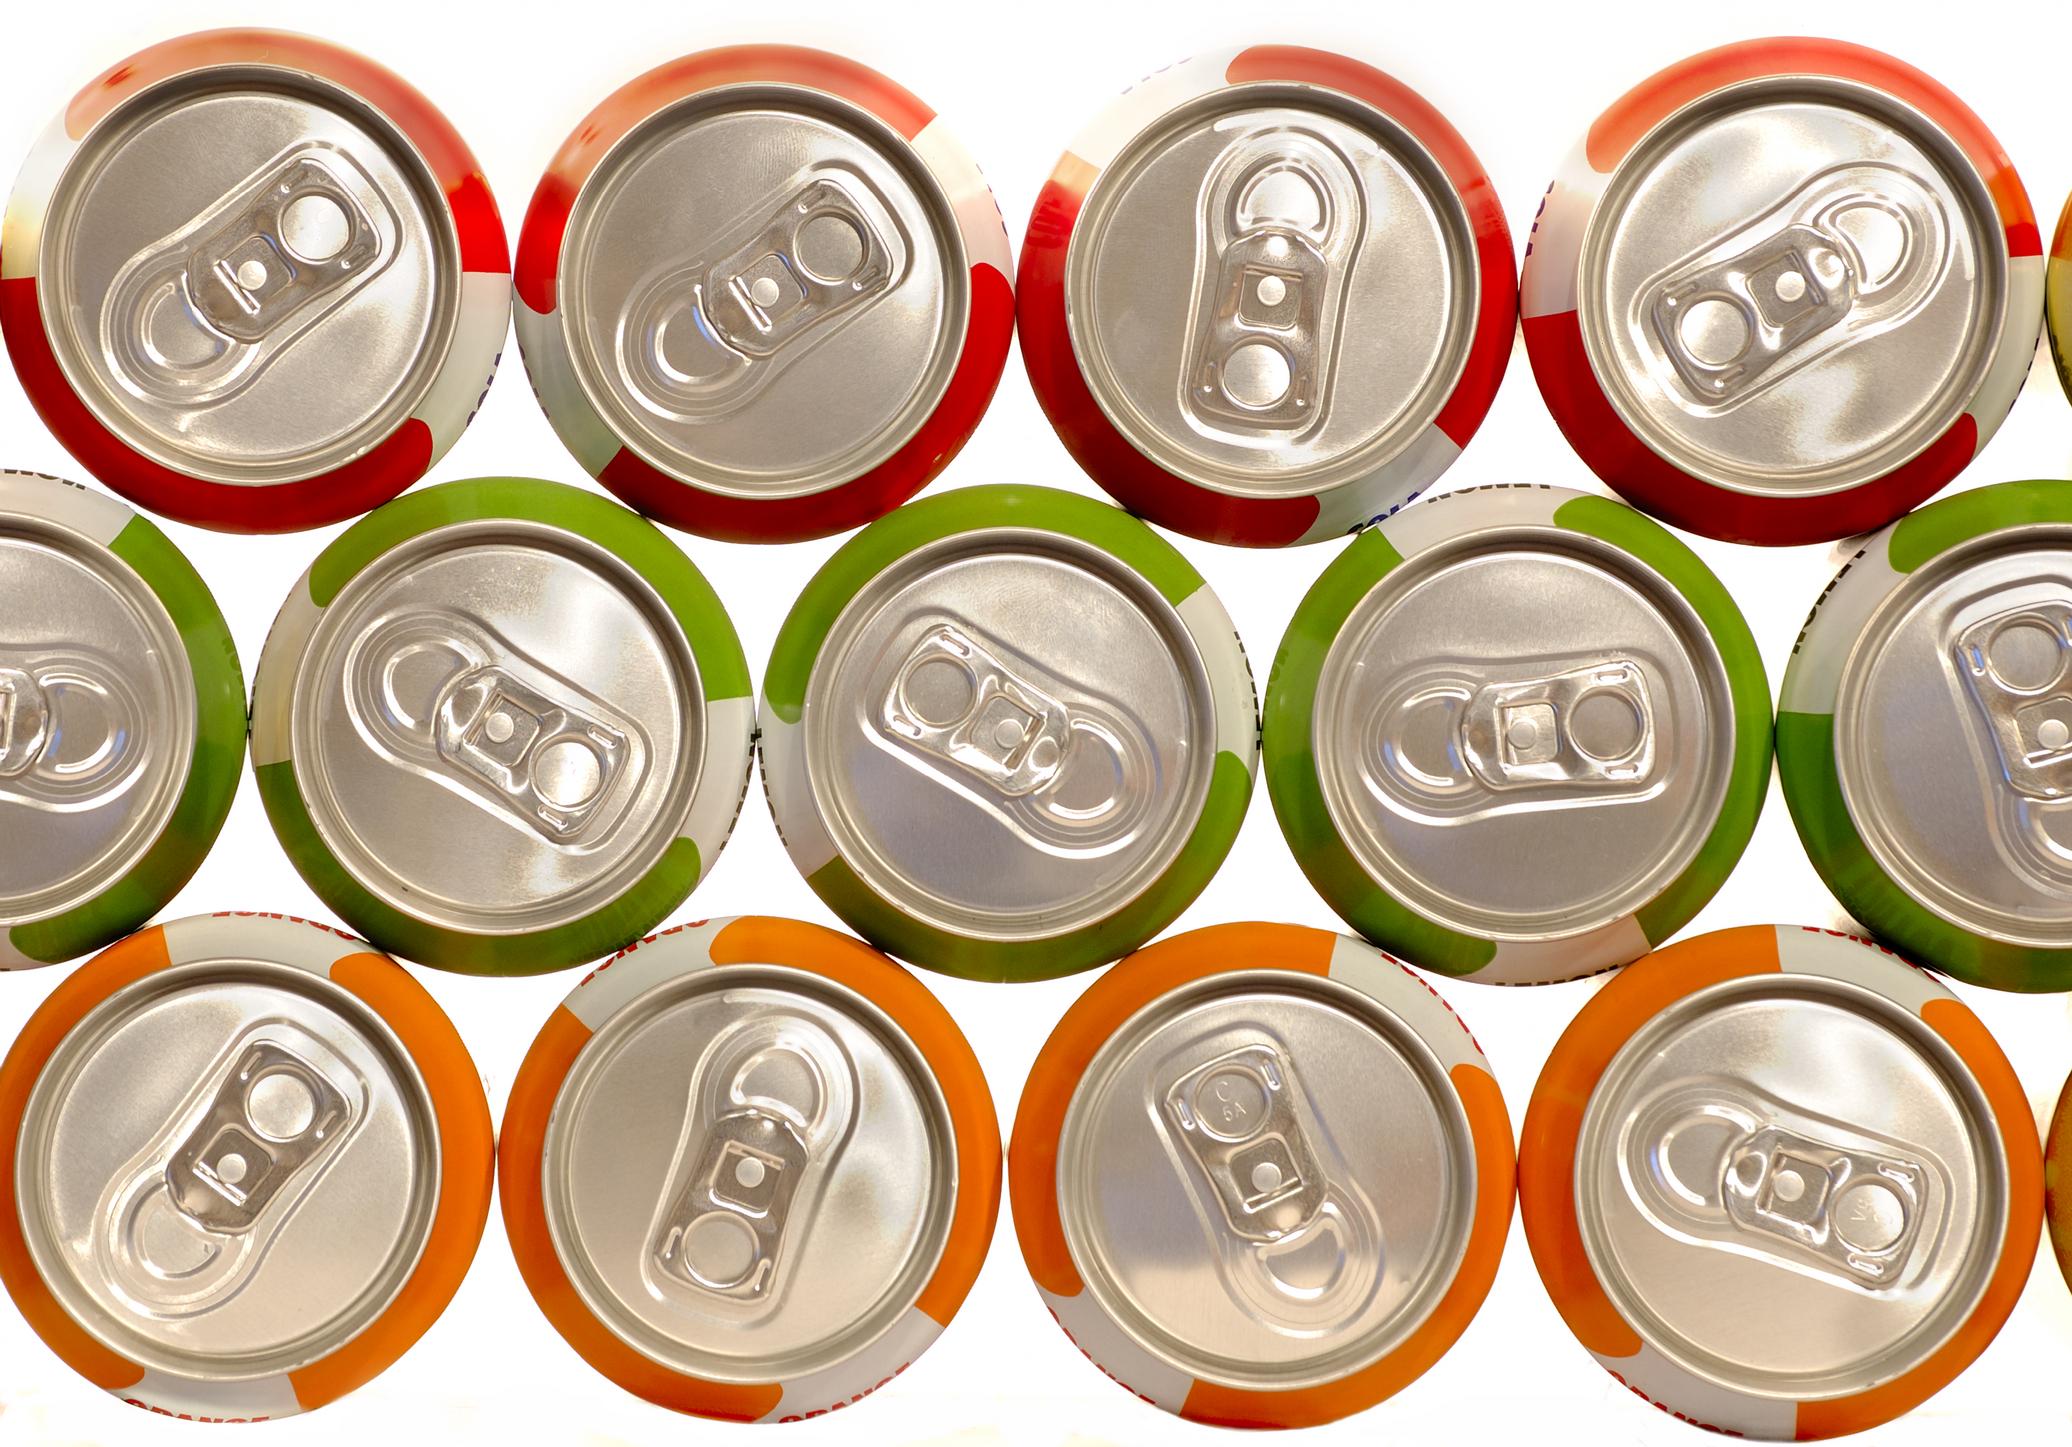 soda cans.jpg